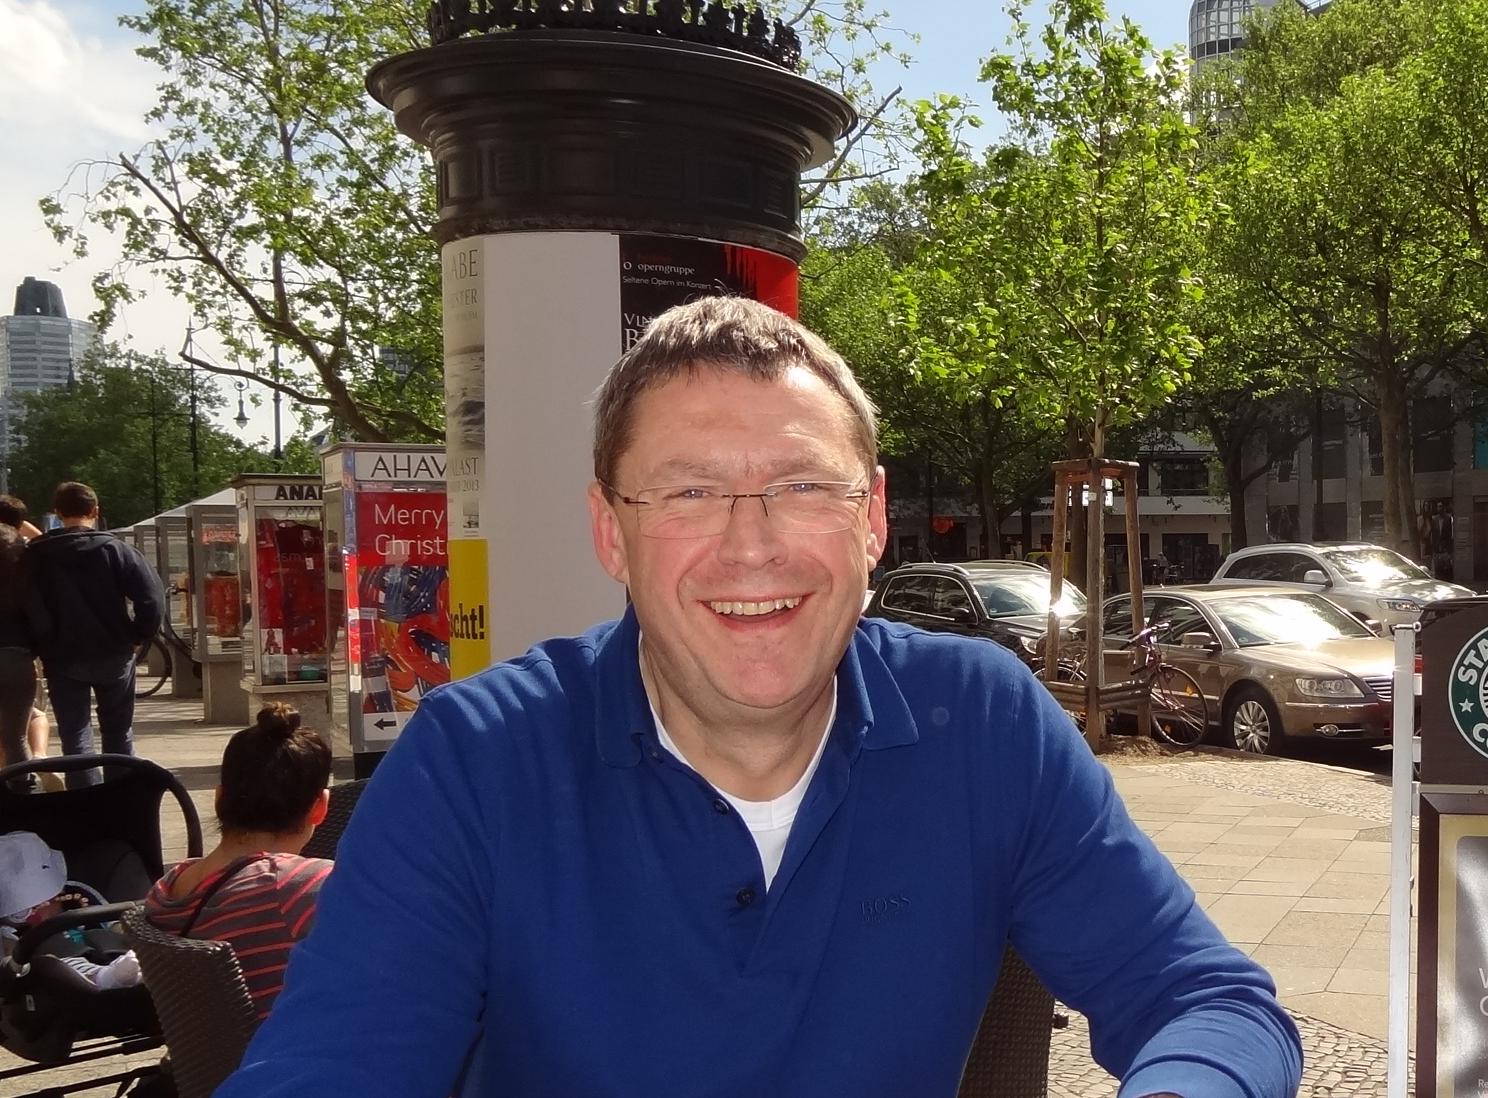 SVK Mitgliederversammlung – Otmar Pauly wurde postum die Ehrenmitgliedschaft verliehen!